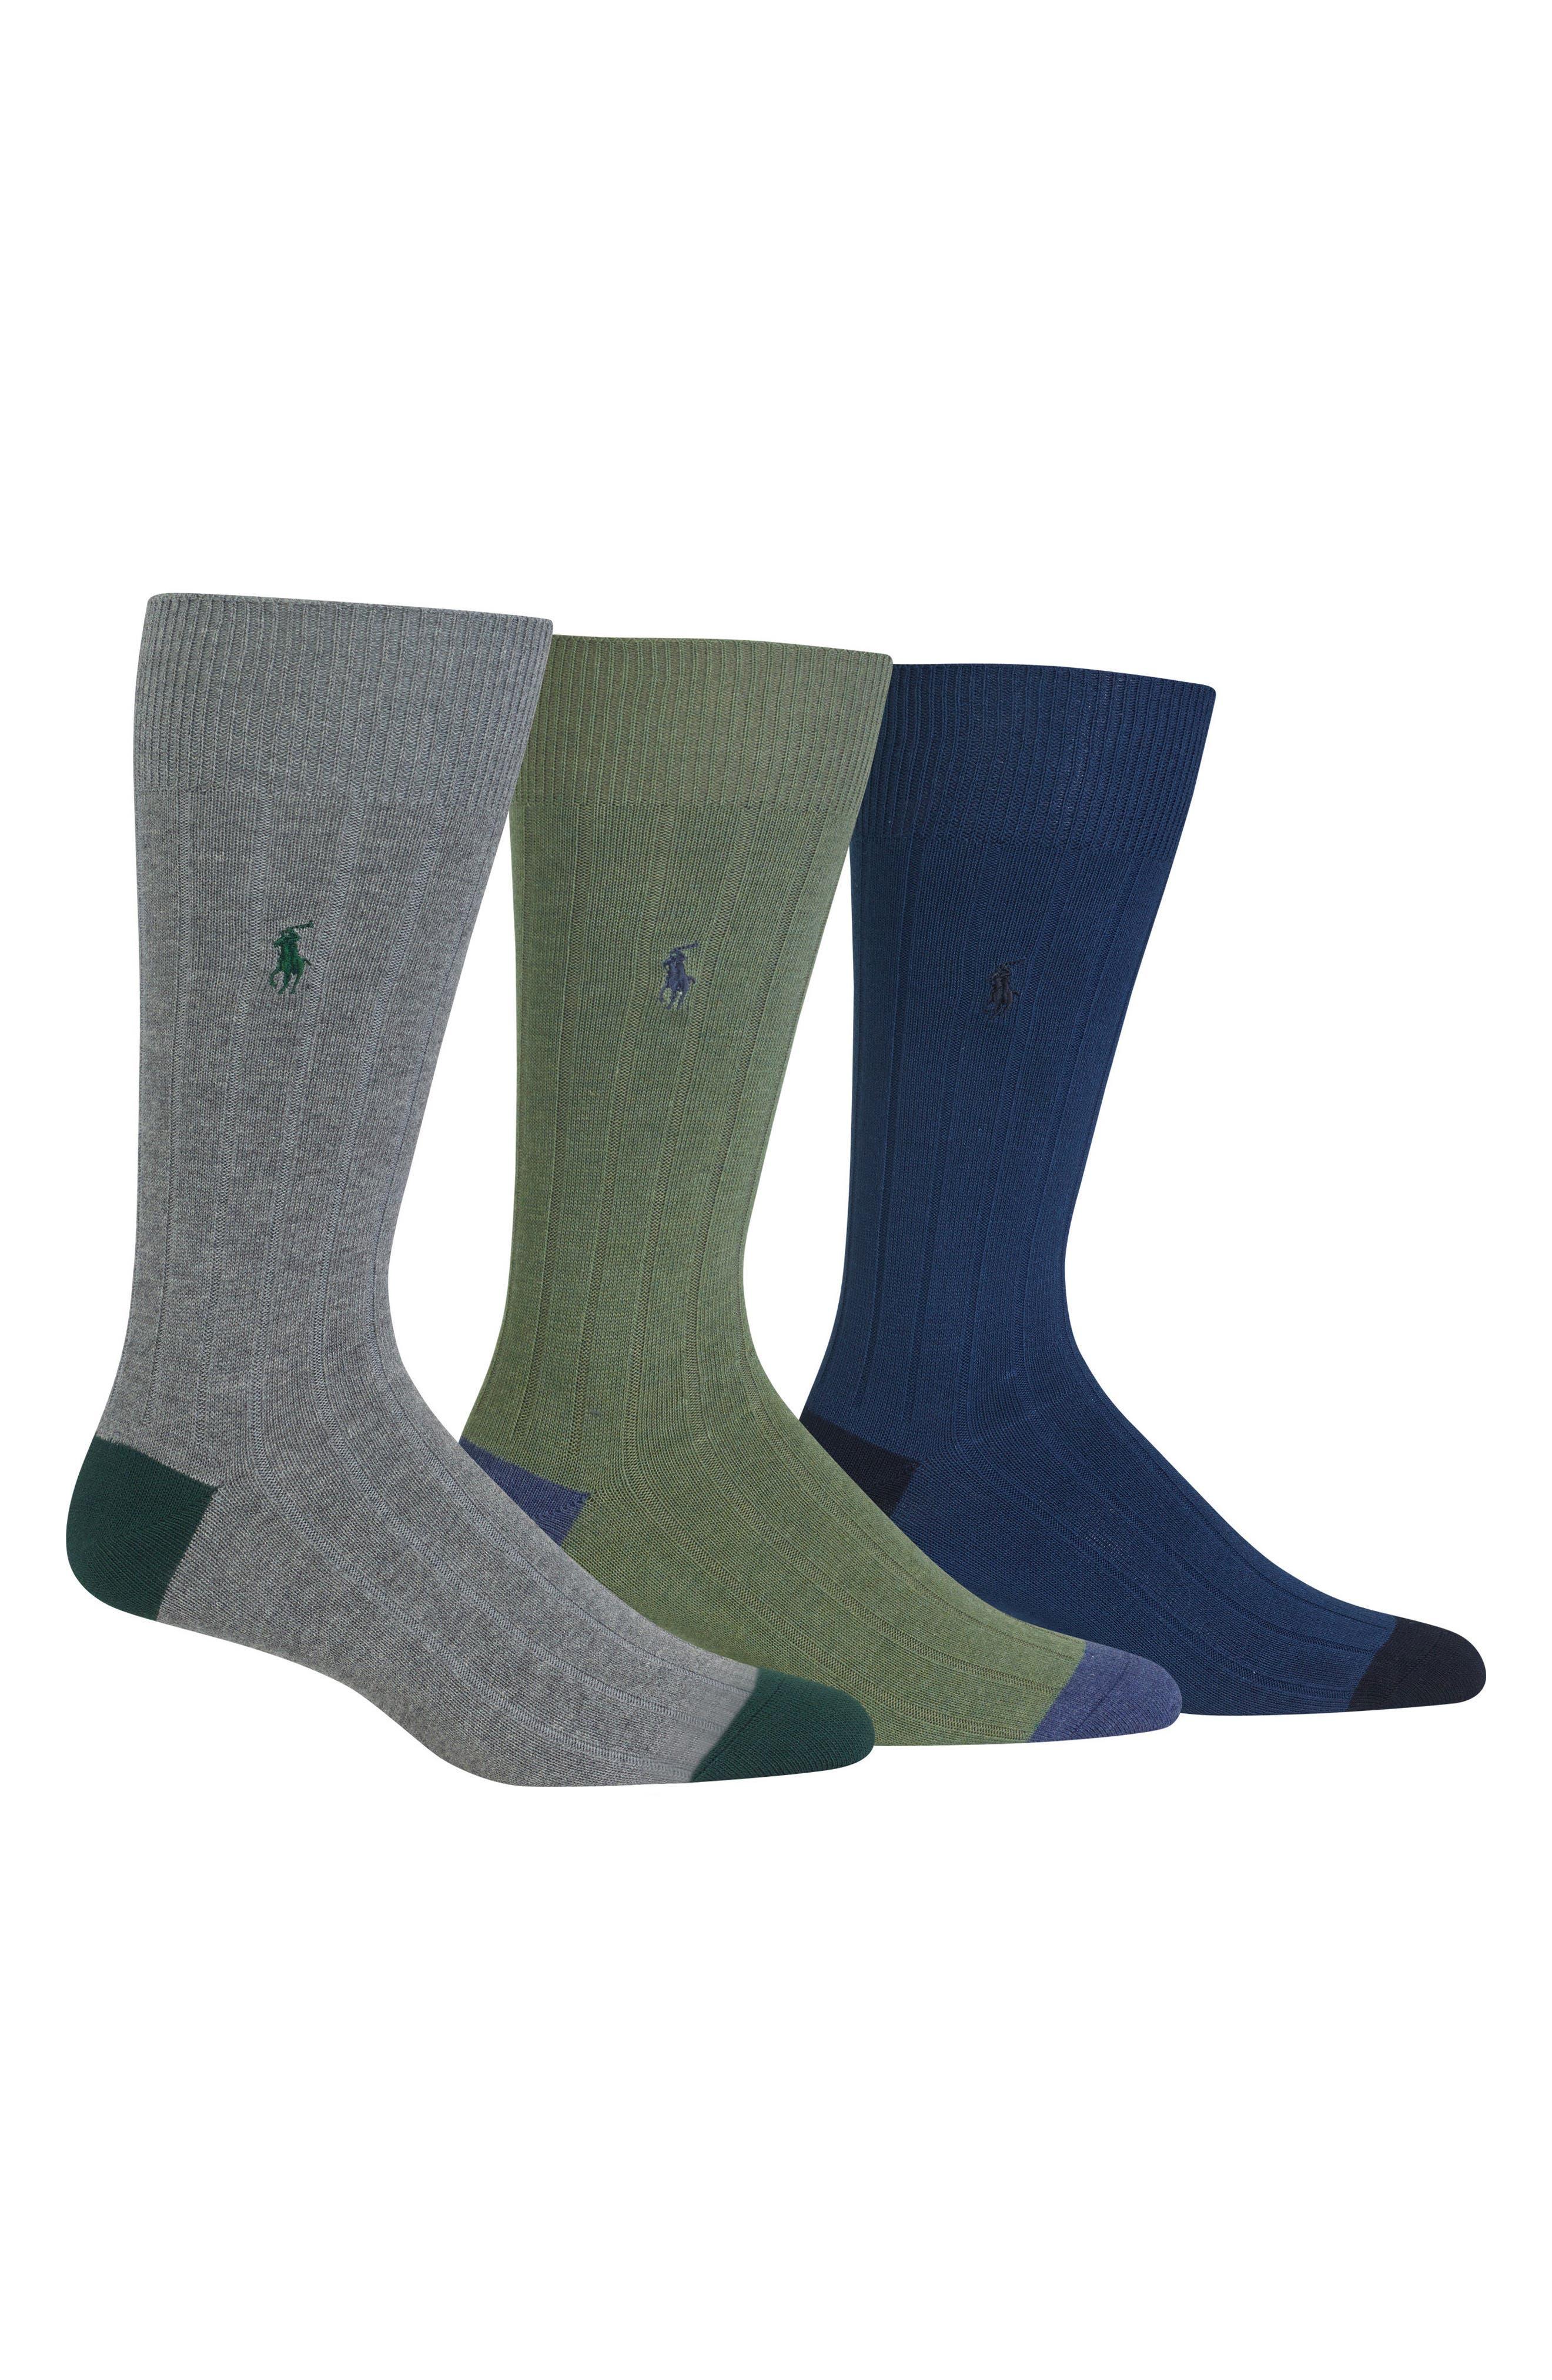 3-Pack Ribbed Socks,                             Main thumbnail 1, color,                             Grey Green